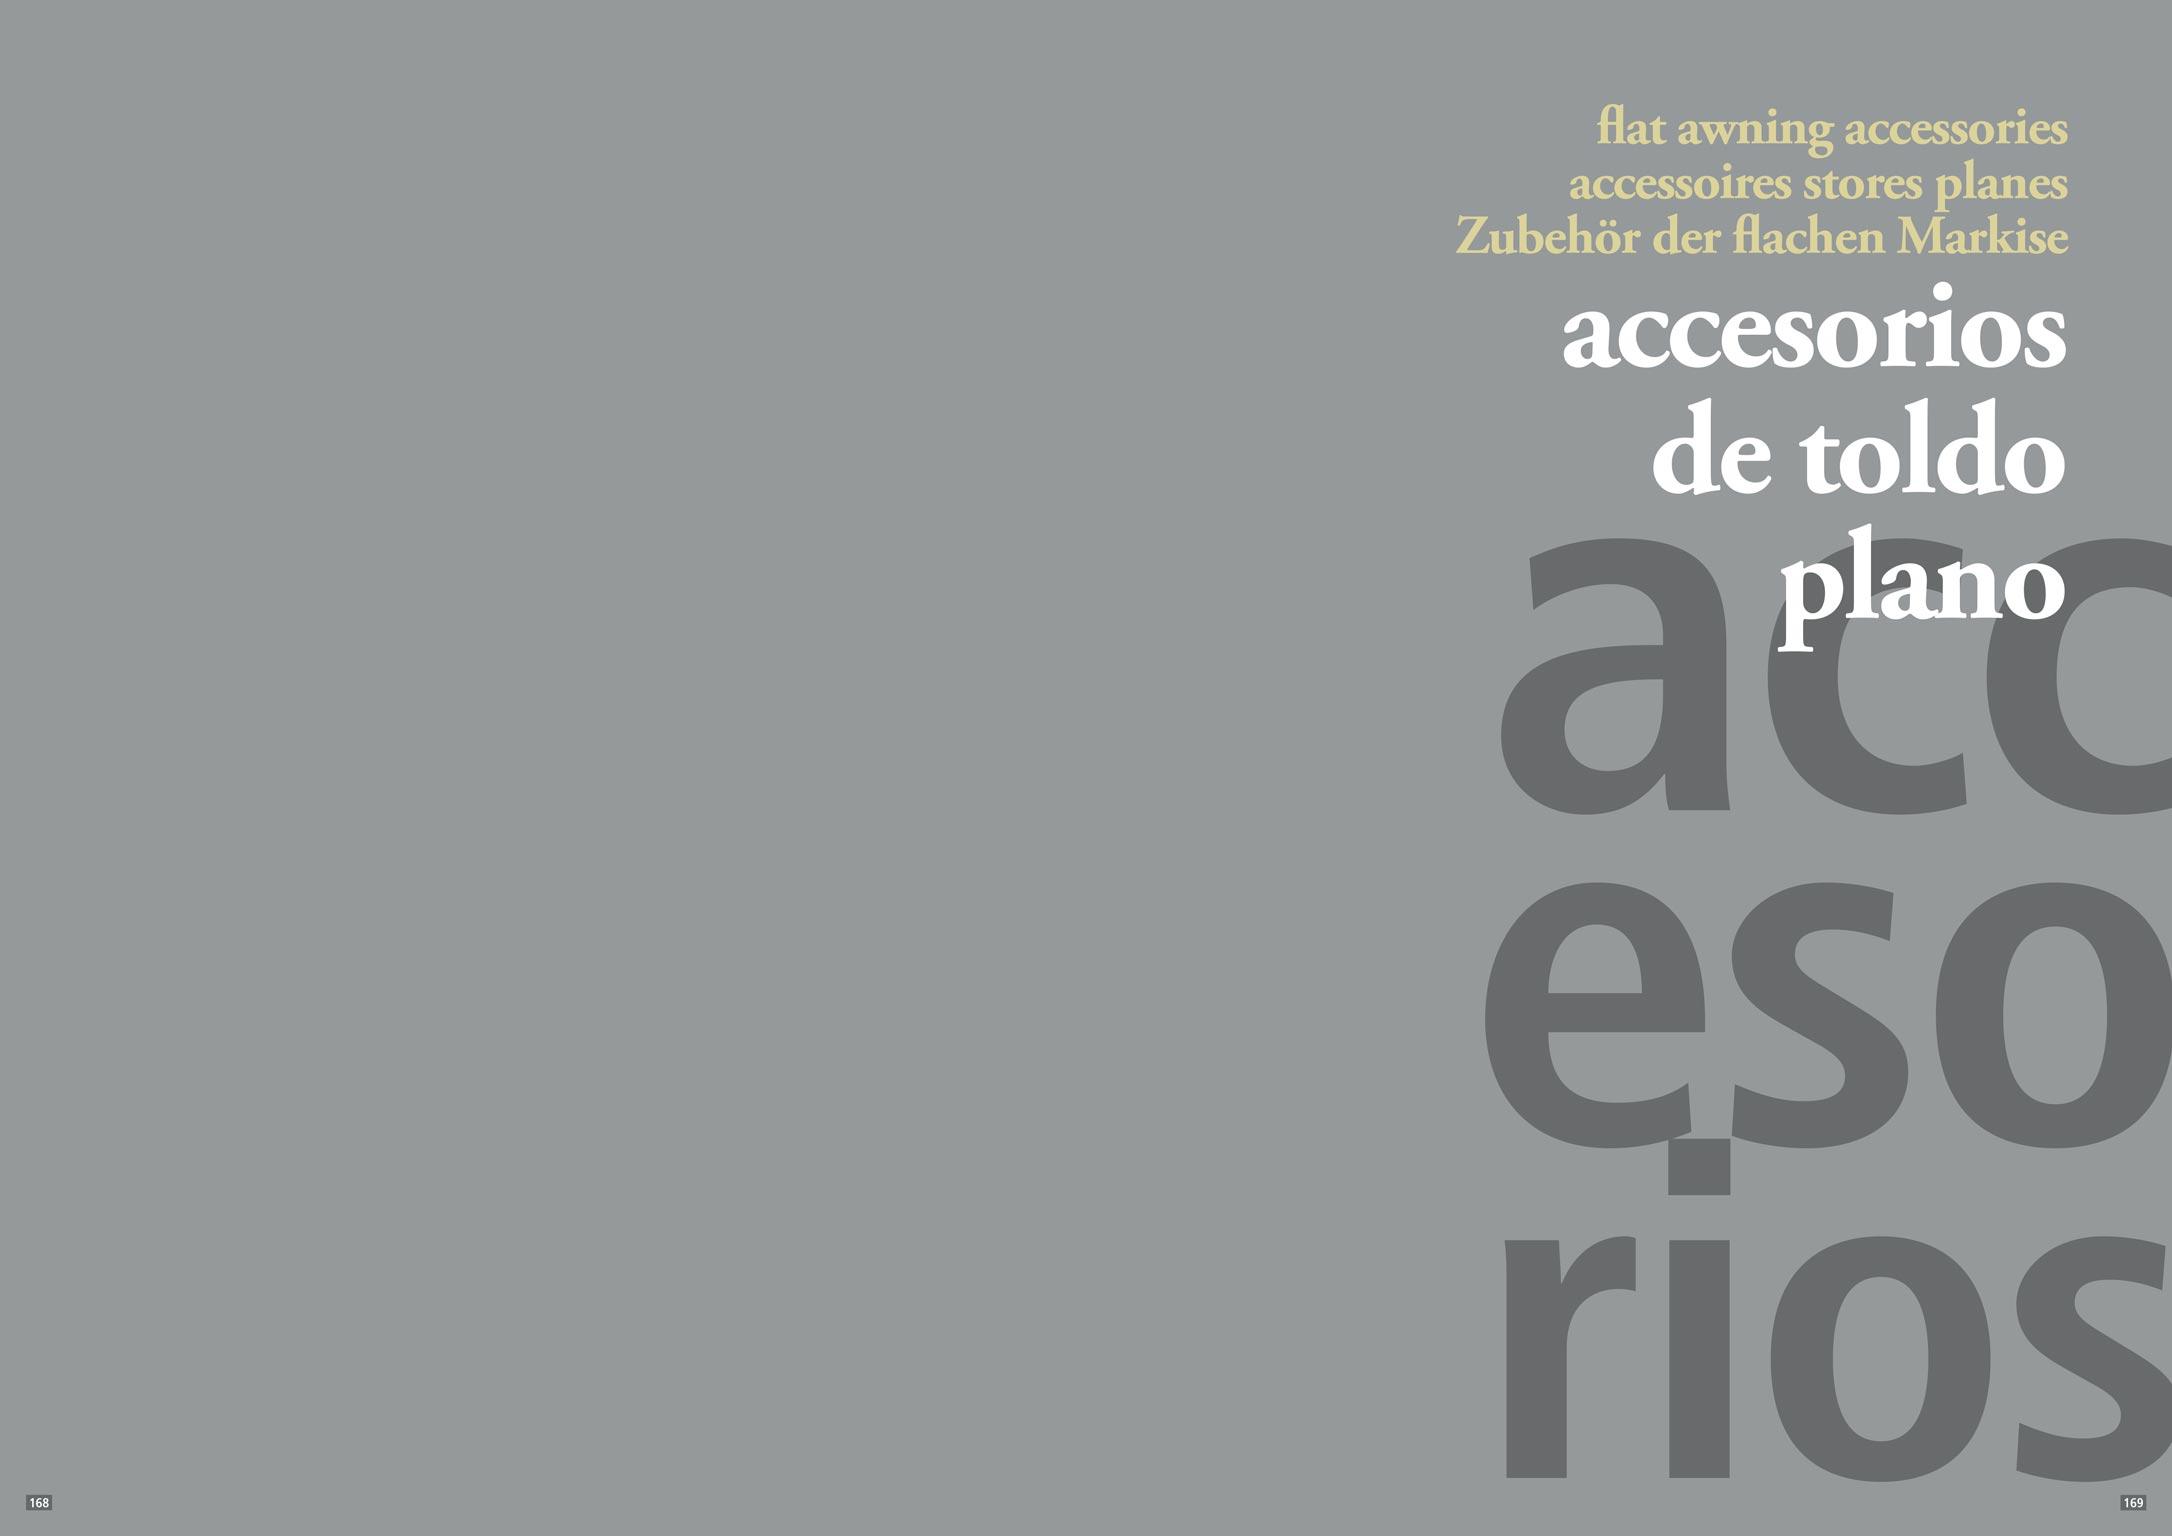 Accesorios de toldos planos stadia store for Accesorios para toldos enrollables